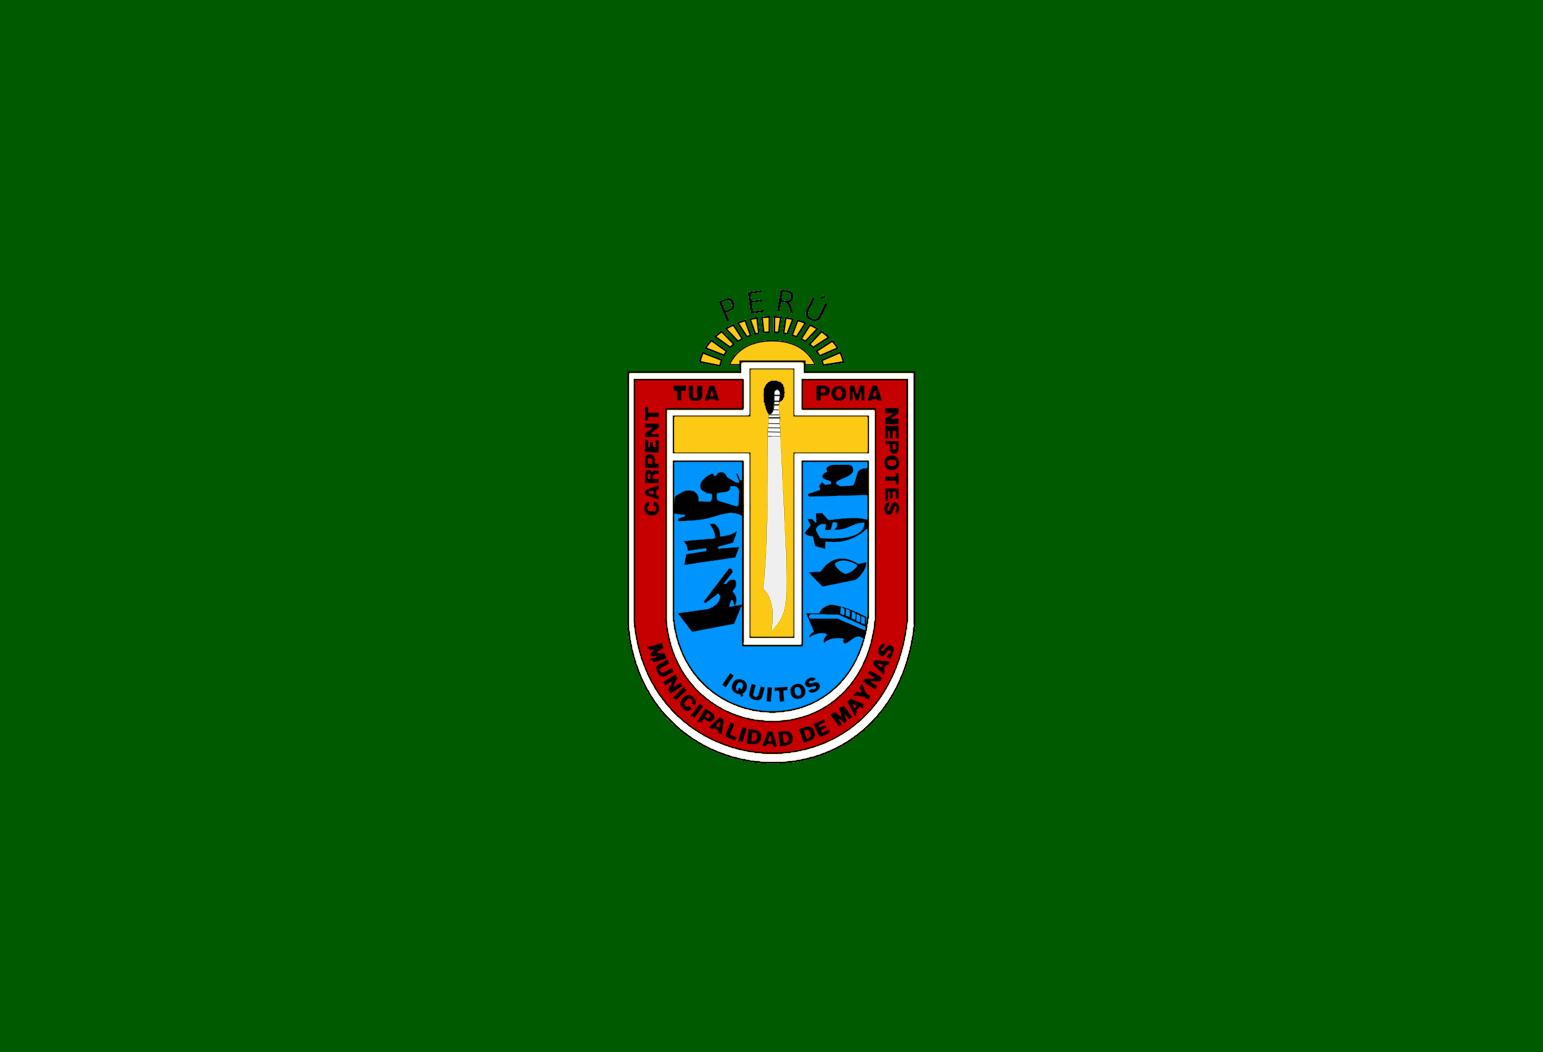 Ficheiro:Bandera de Iquitos.png